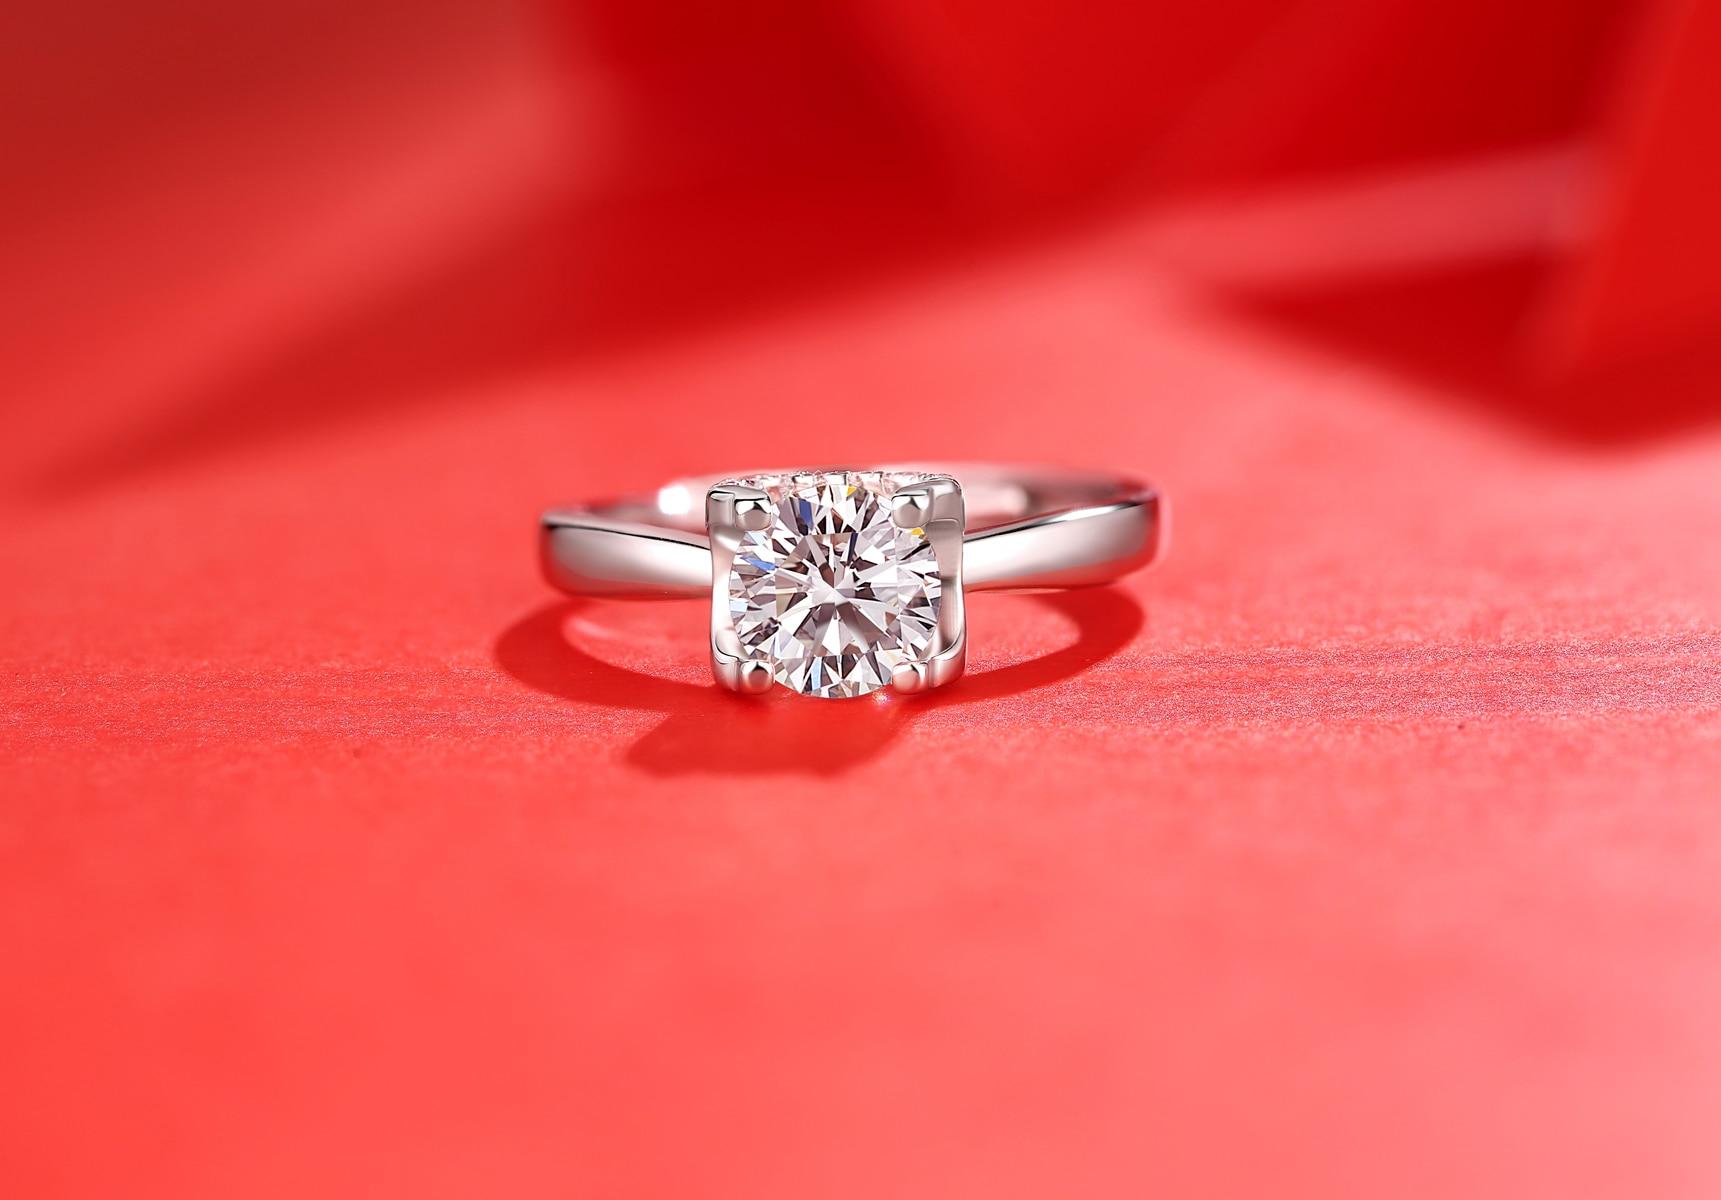 Yulaili Simple classique 925 dames anneaux conception angulaire bague pour femme bijoux fête accessoires anniversaire cadeau